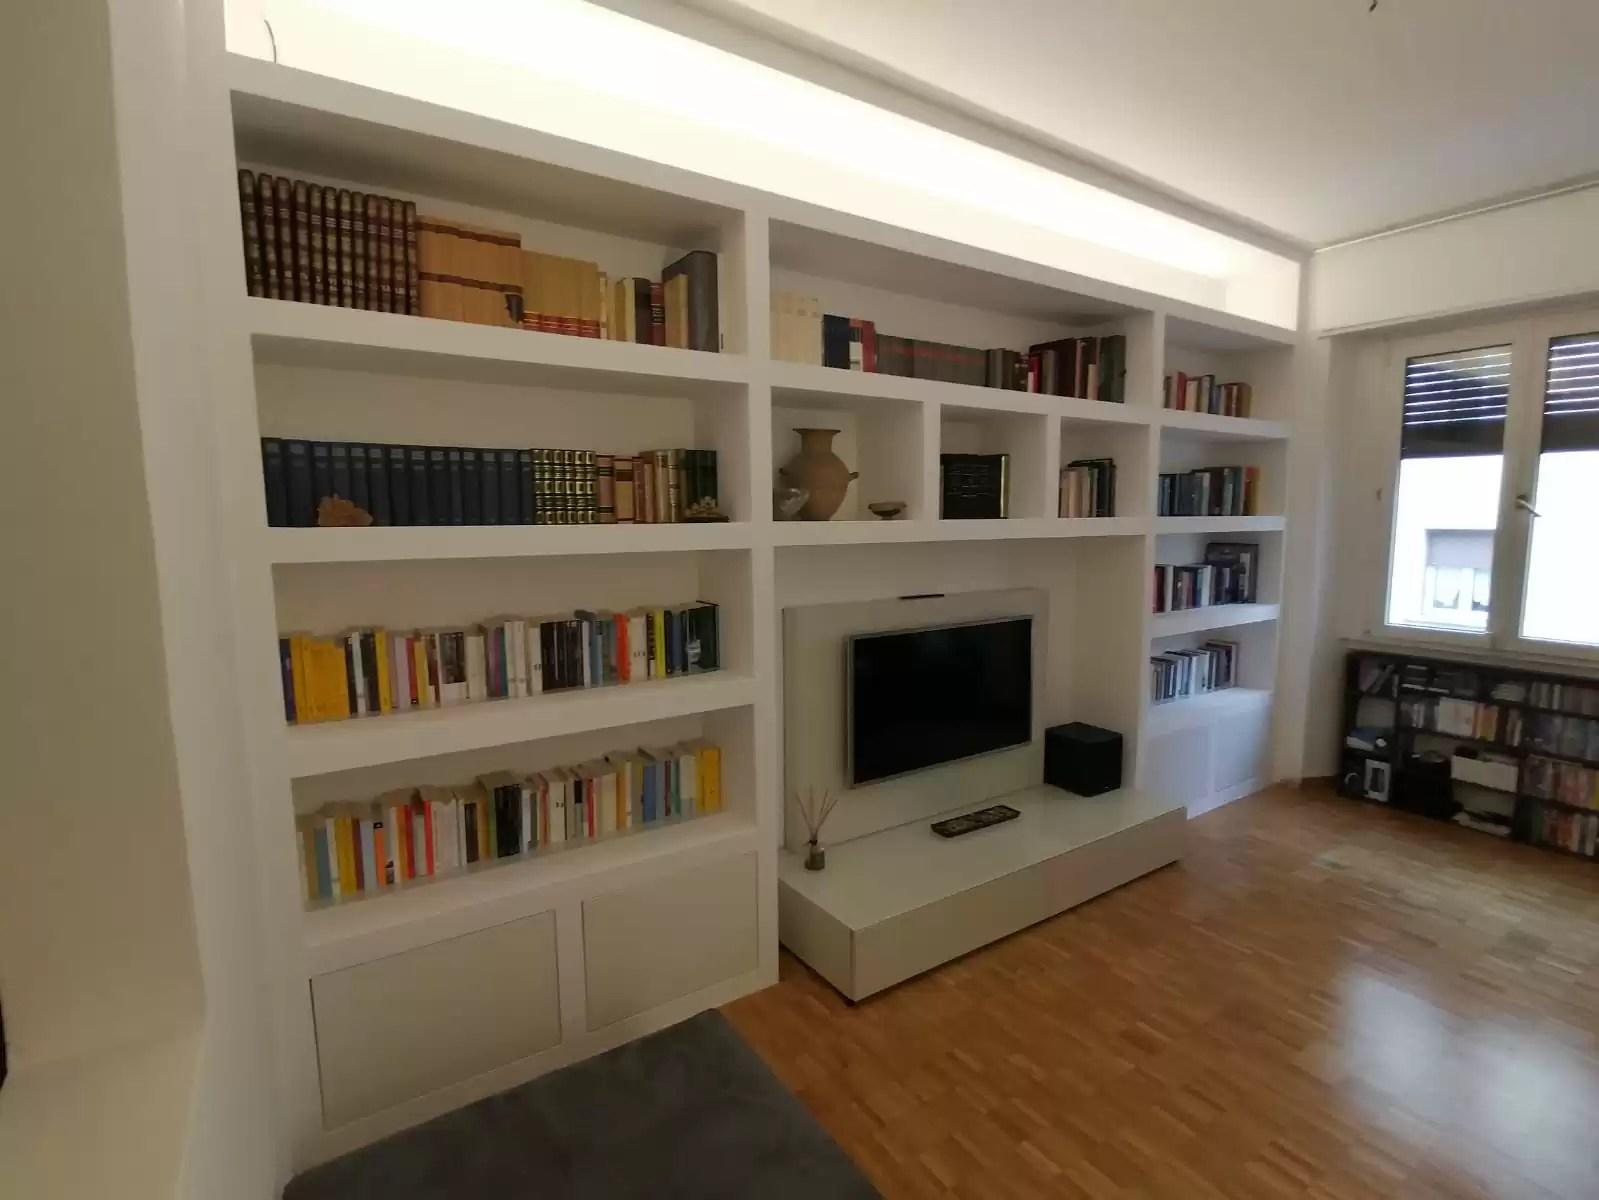 Realizziamo pareti attrezzate moderne in cartongesso per qualsiasi tipo di stanza, in particolare per cucine e soggiorni. Realizzazione Librerie In Cartongesso Firenze Cartongesso Design